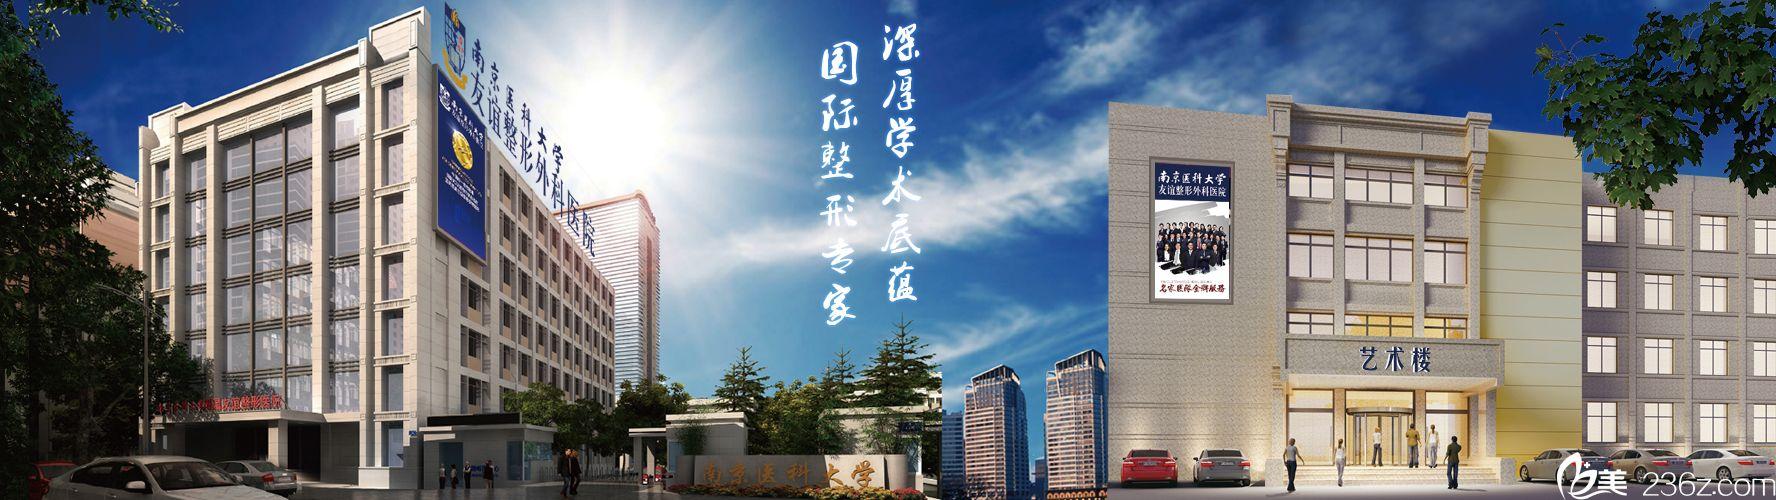 正规专业的南京医科大学友谊整形外科医院